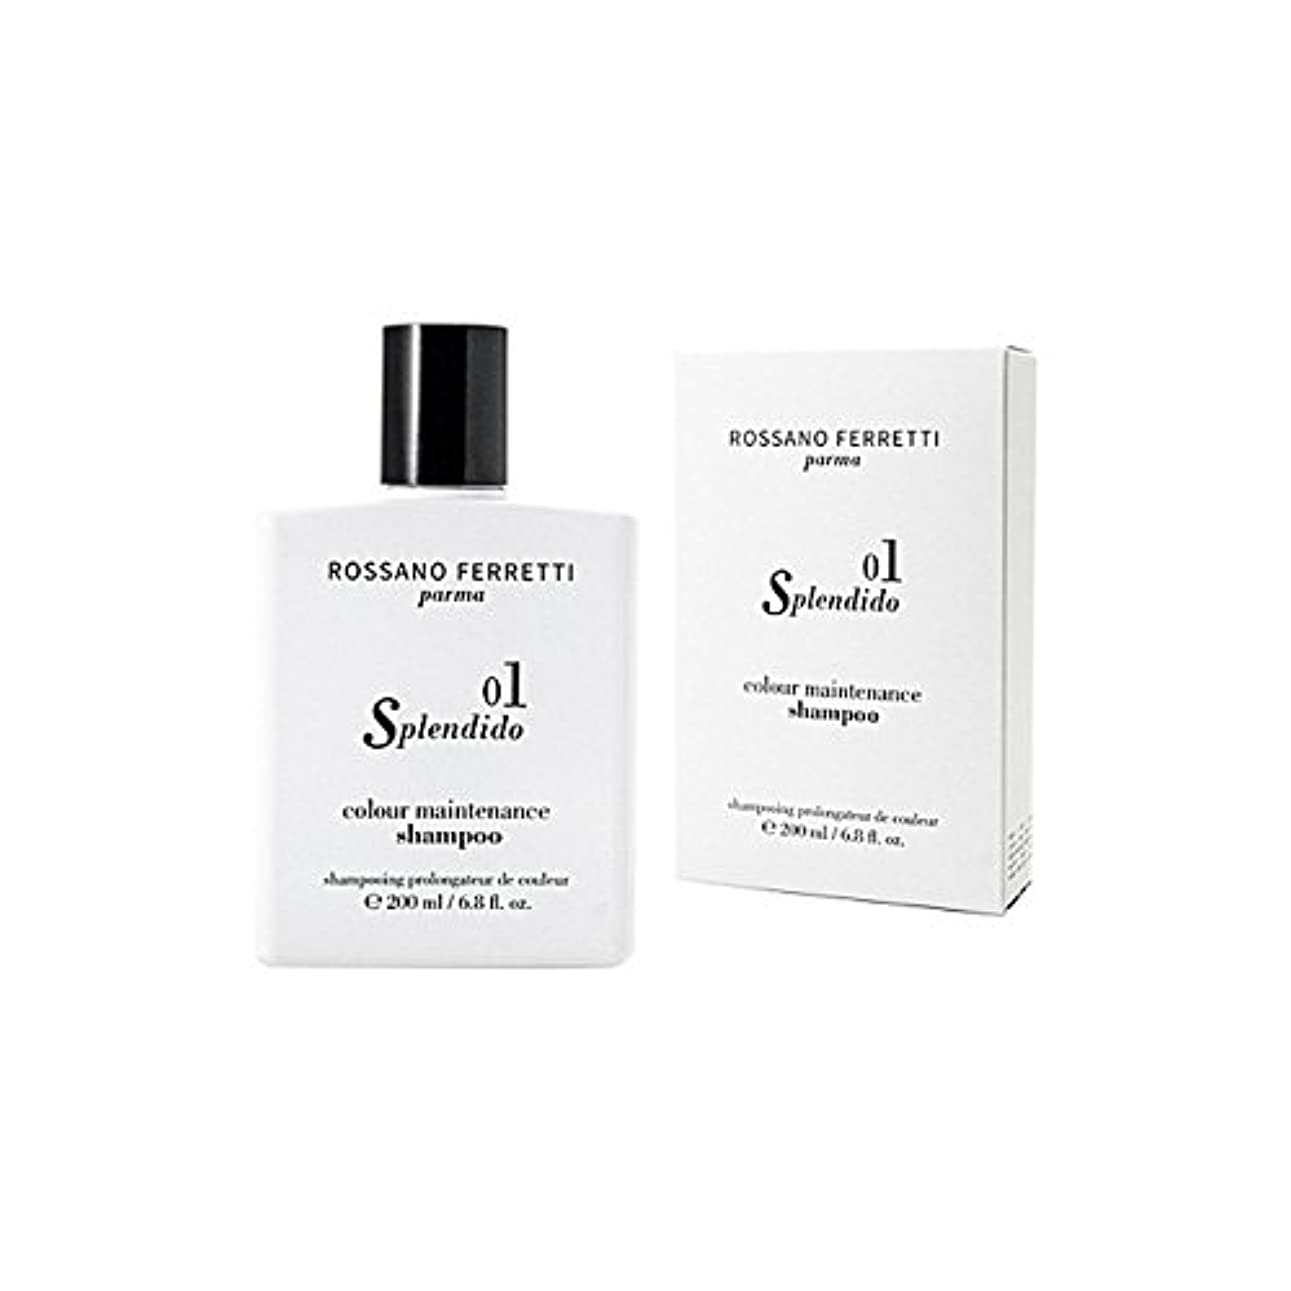 弓初心者値Rossano Ferretti Parma Splendido Colour Maintenance Shampoo 200ml (Pack of 6) - ロッサノフェレッティパルマスプレンディードカラーメンテナンスシャンプー200ミリリットル x6 [並行輸入品]